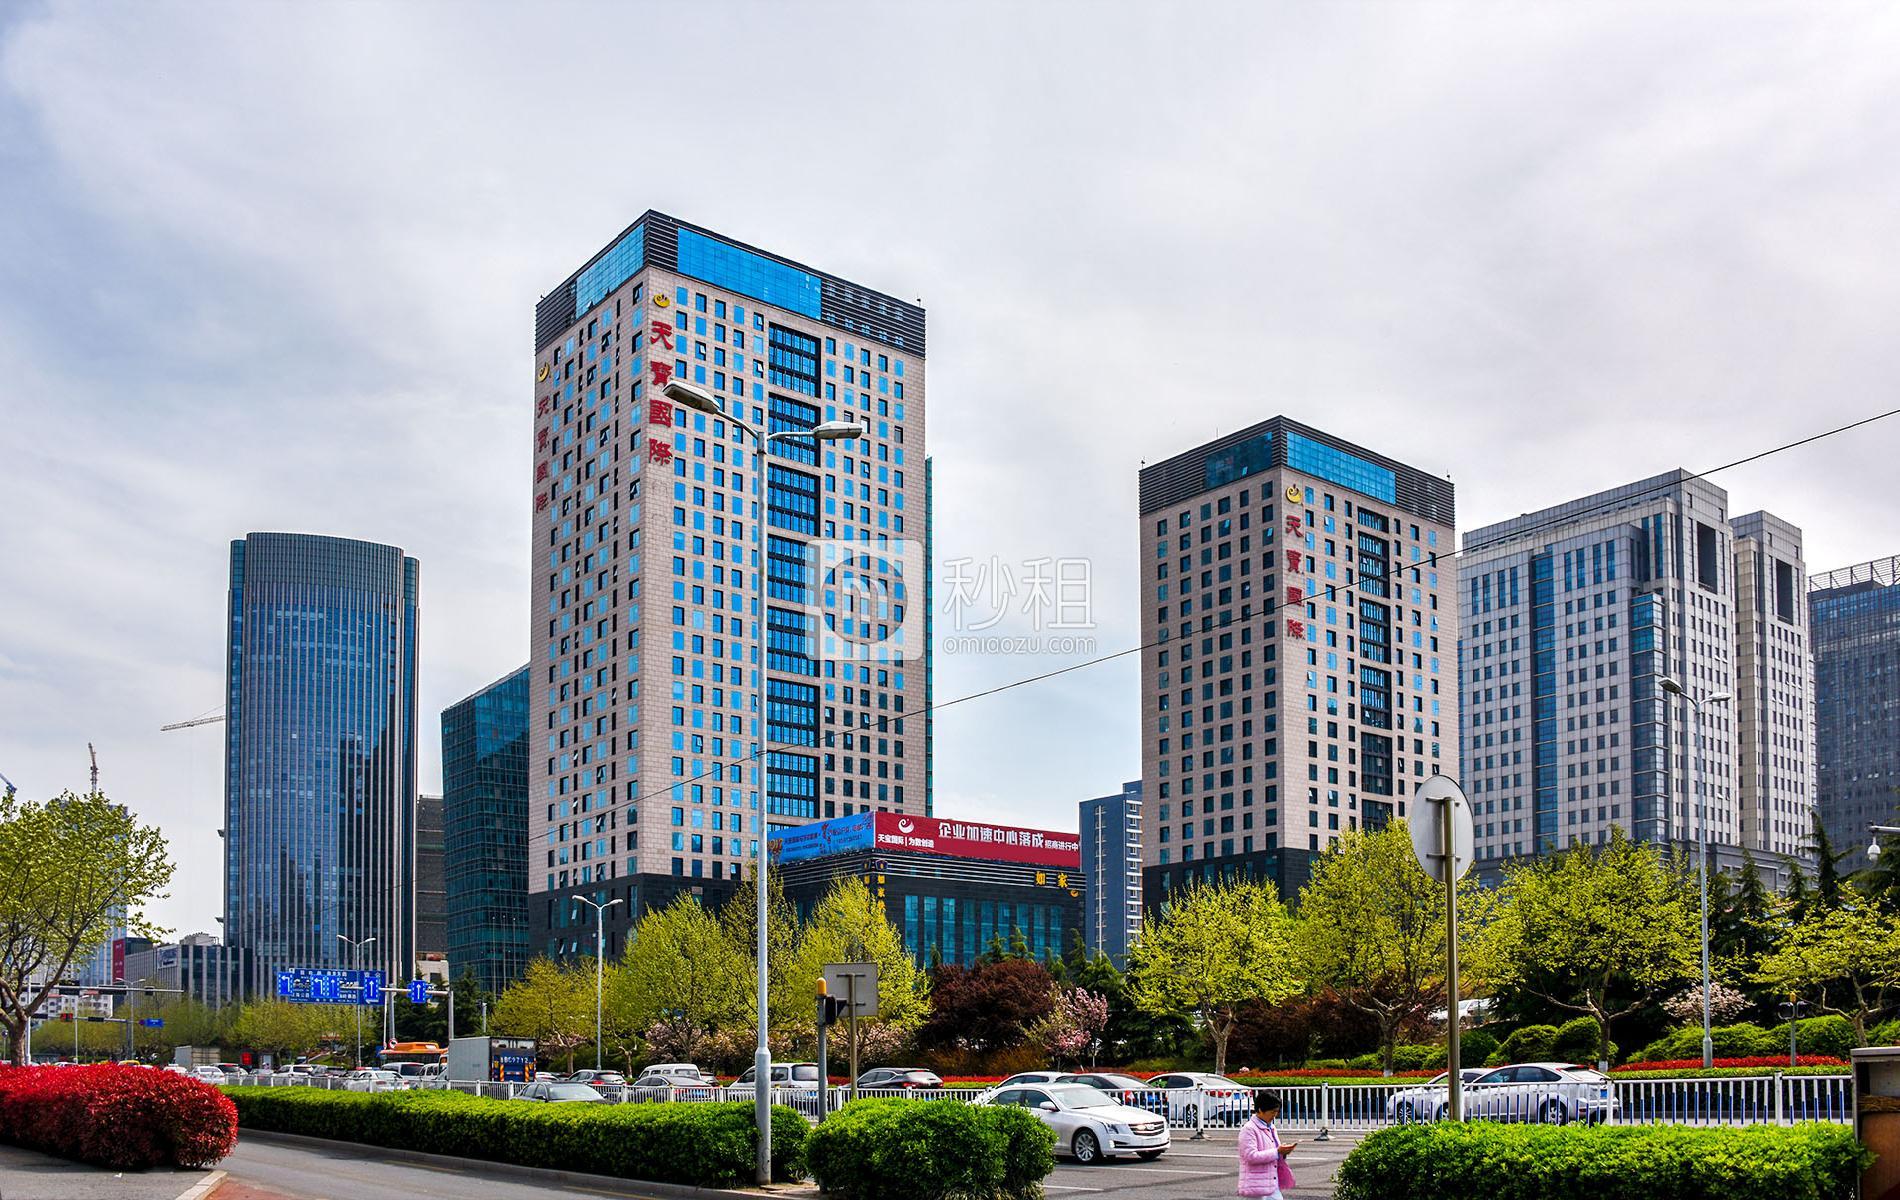 天宝国际写字楼出租/招租/租赁,天宝国际办公室出租/招租/租赁